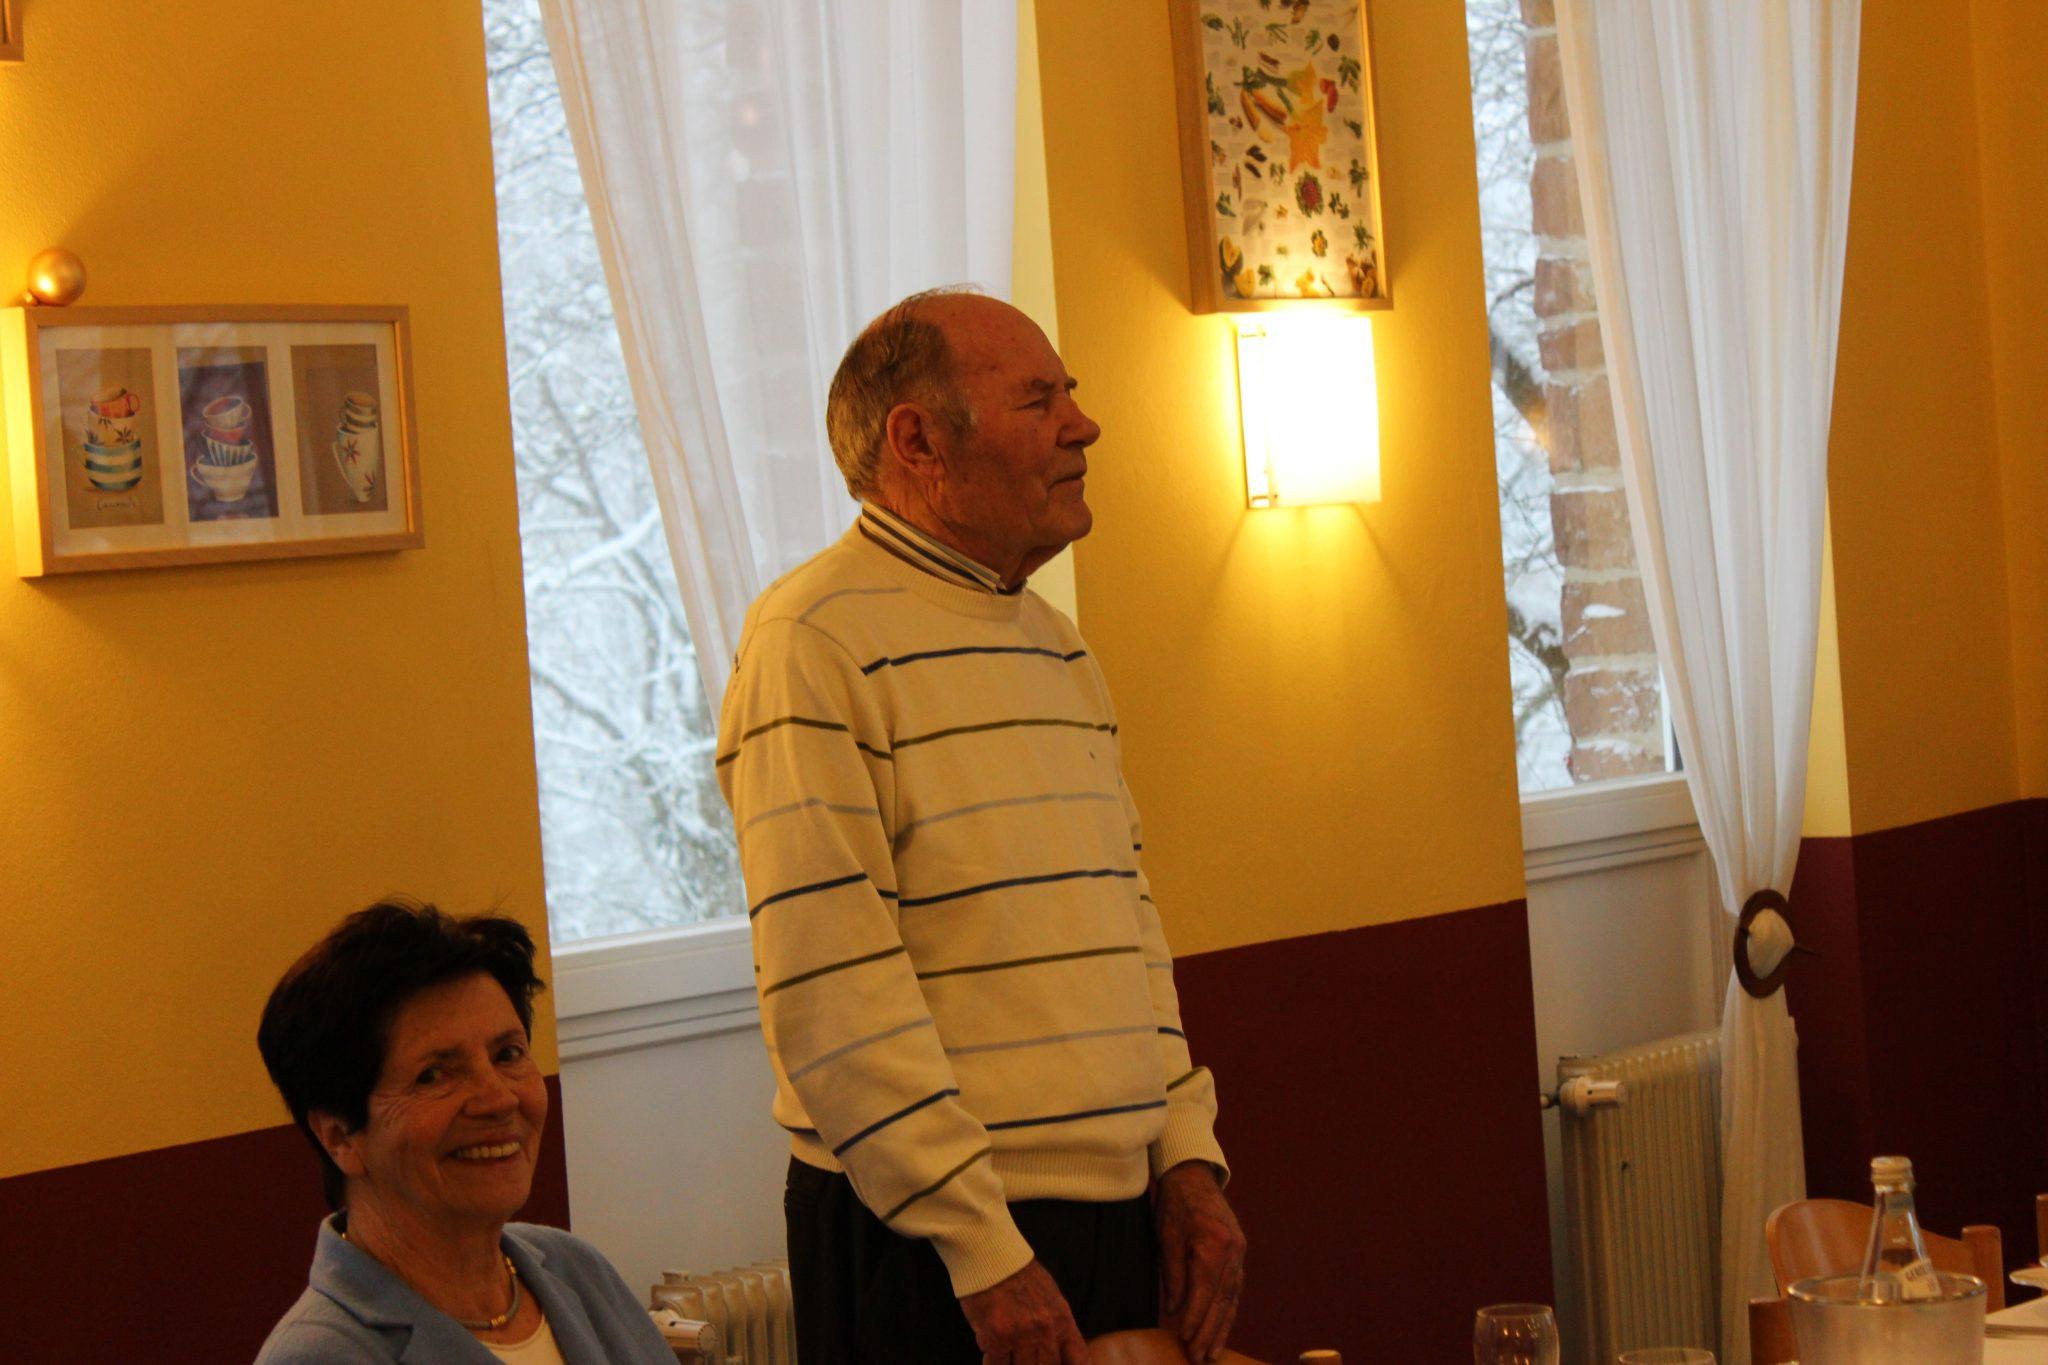 Ehrenmitglied Günther Gorges – Glückwunsch zum 80. Geburtstag!